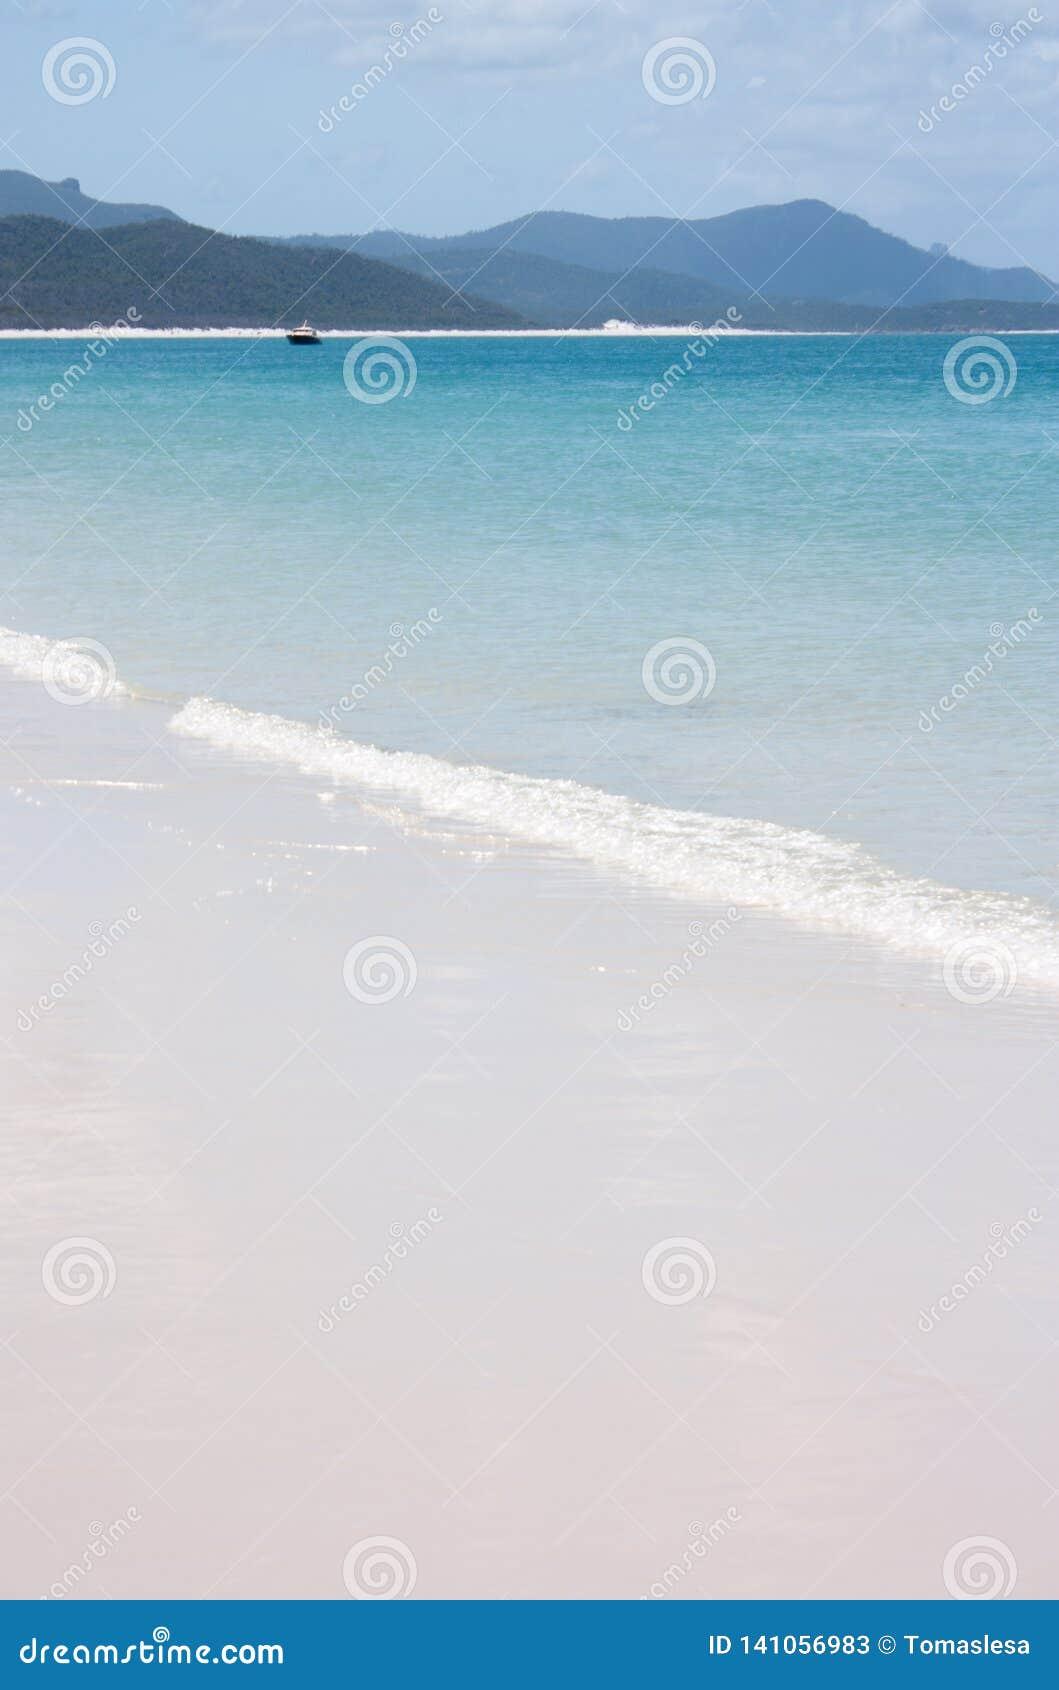 Η παραλία Whitehaven στο Whitsundays στην Αυστραλία με μια μικρή βάρκα στην απόσταση